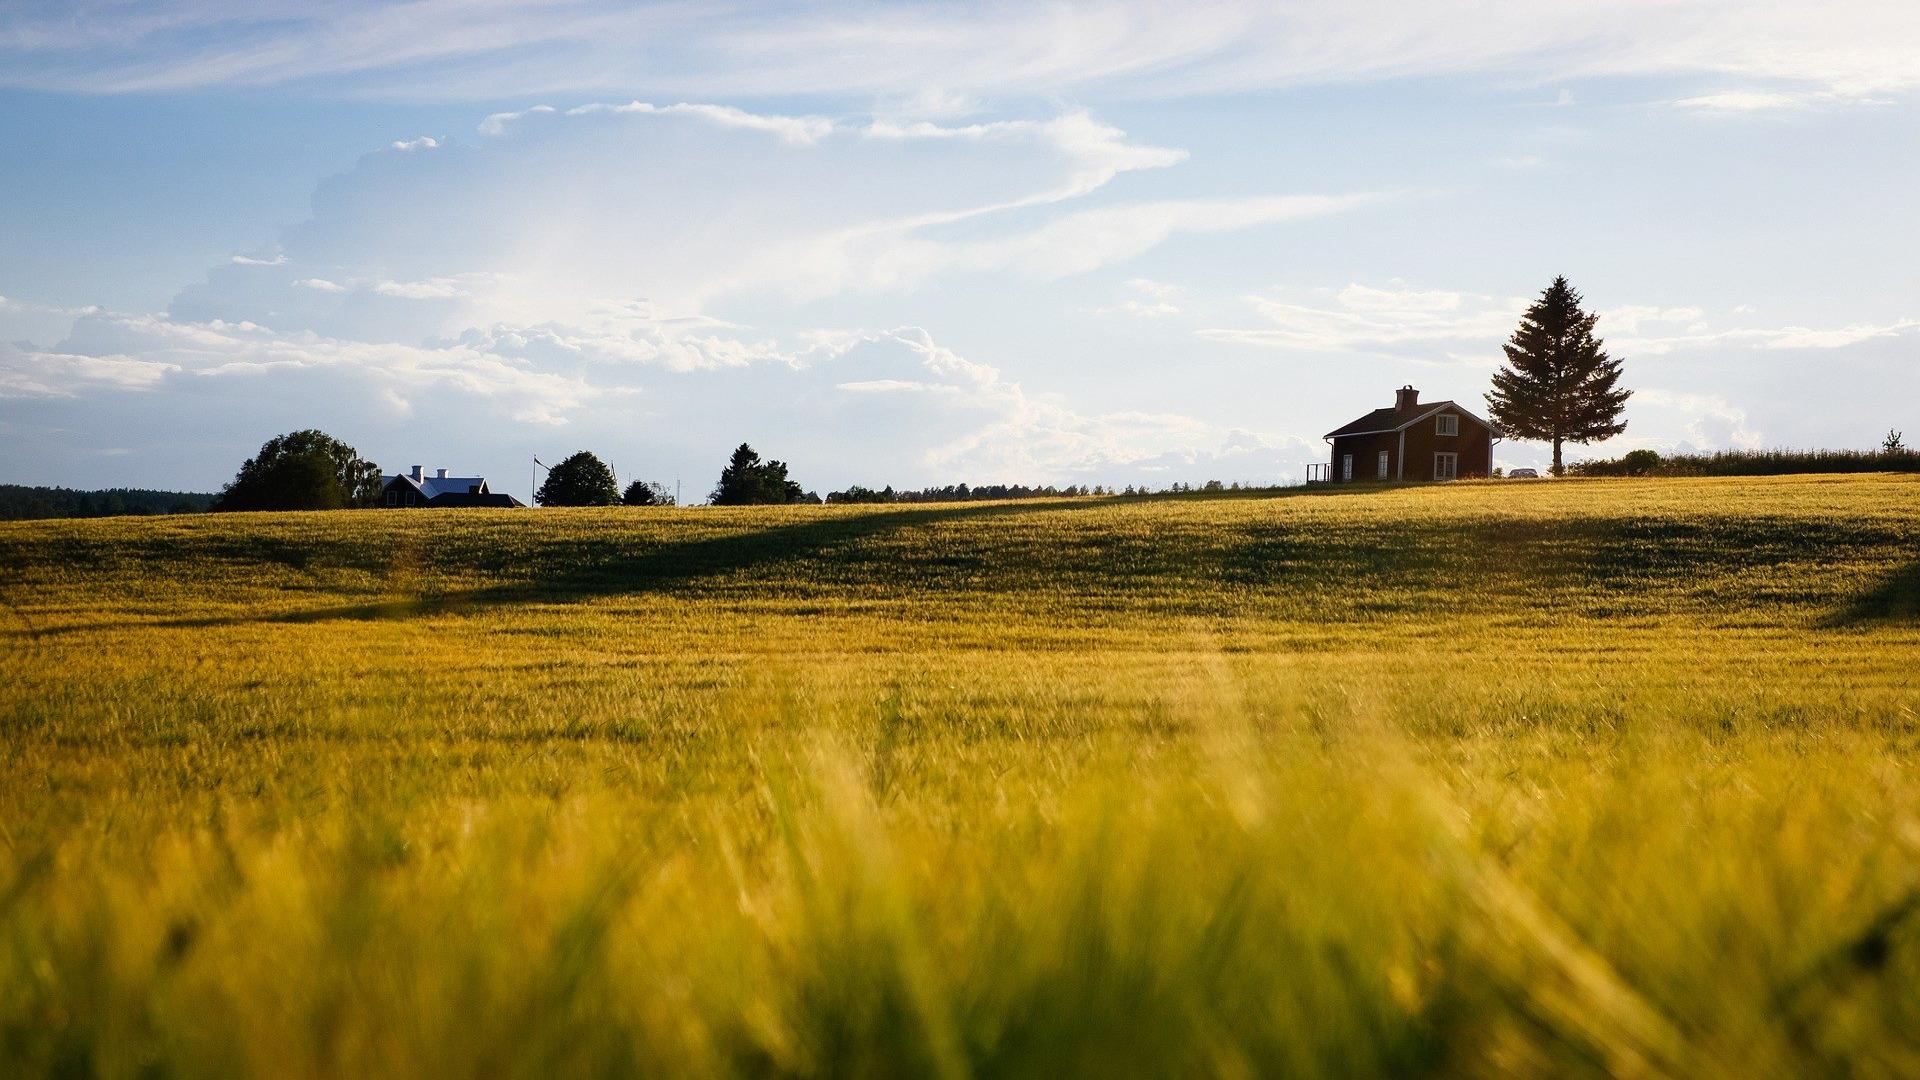 La posibilidad de contar con superficie agraria suficiente determina la instalación de nuevas iniciativas en el rural1920